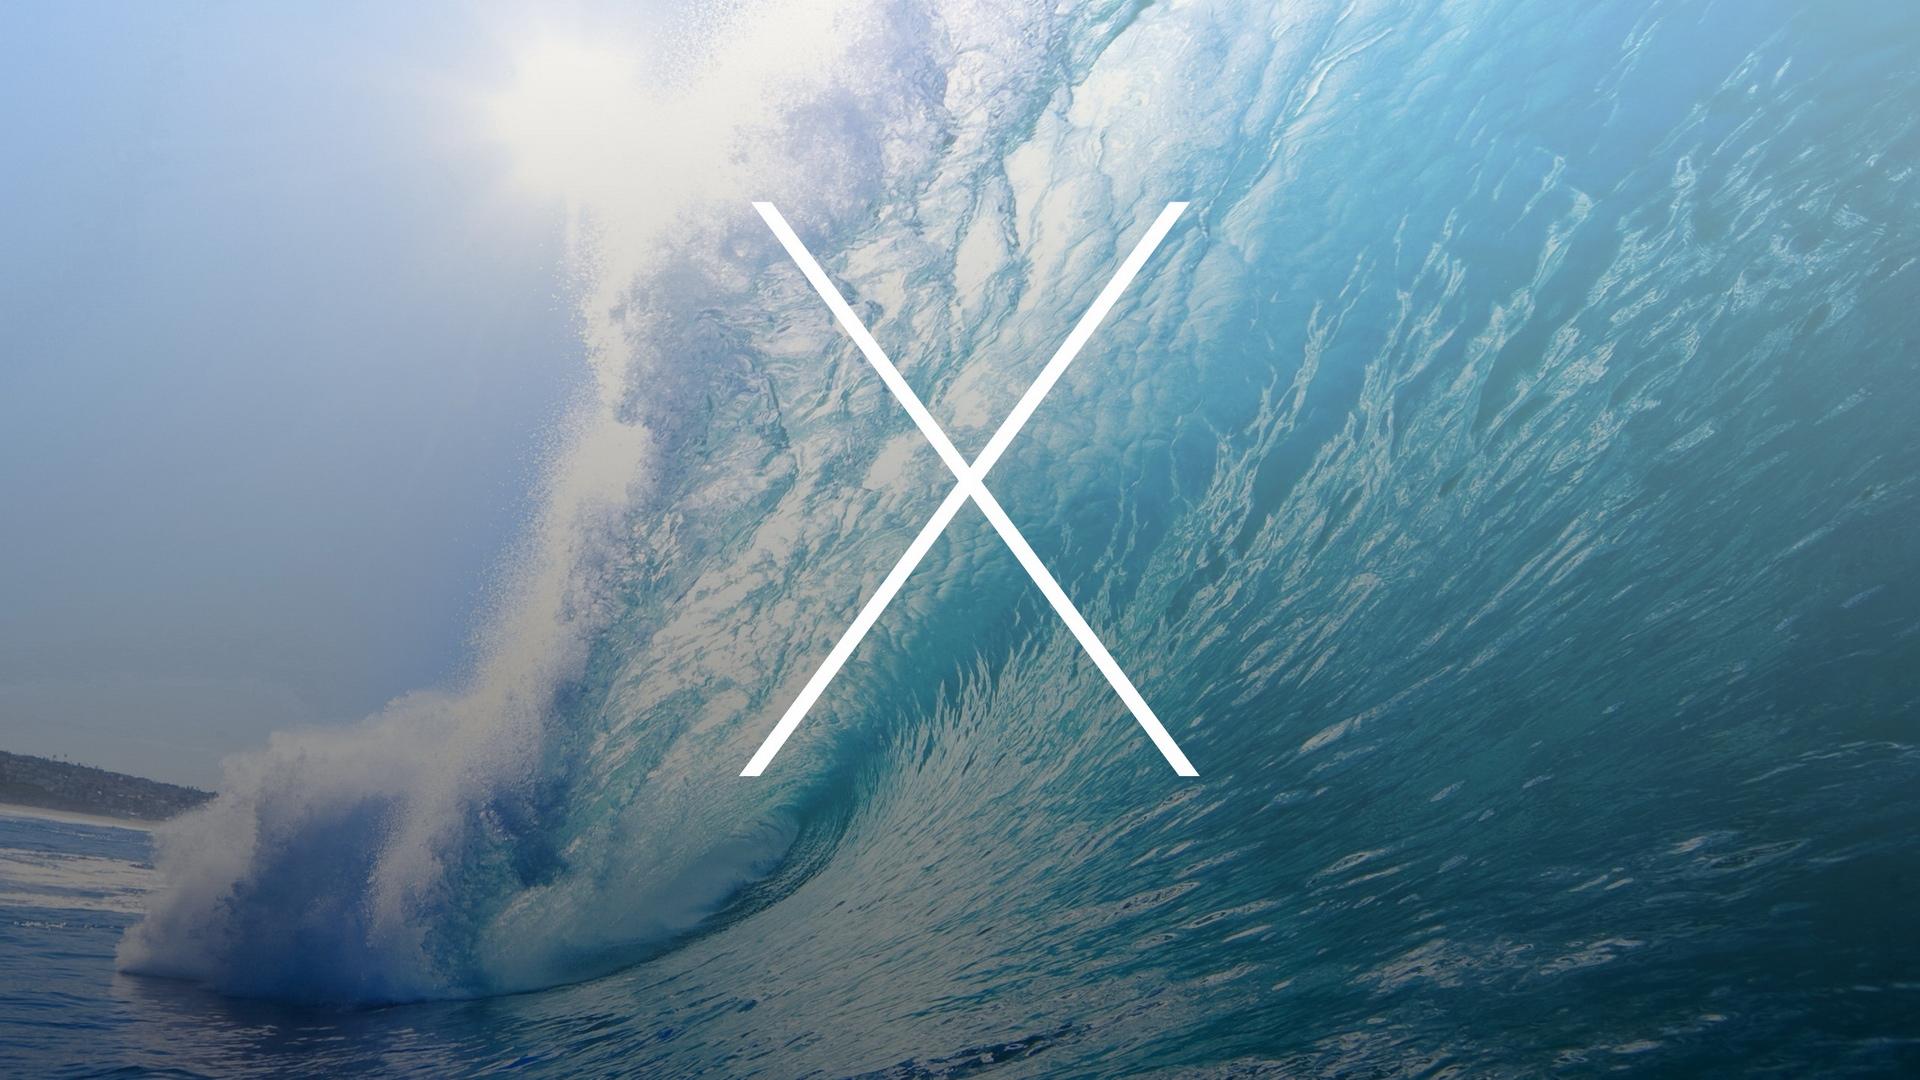 苹果MAC巨浪桌面壁纸高清